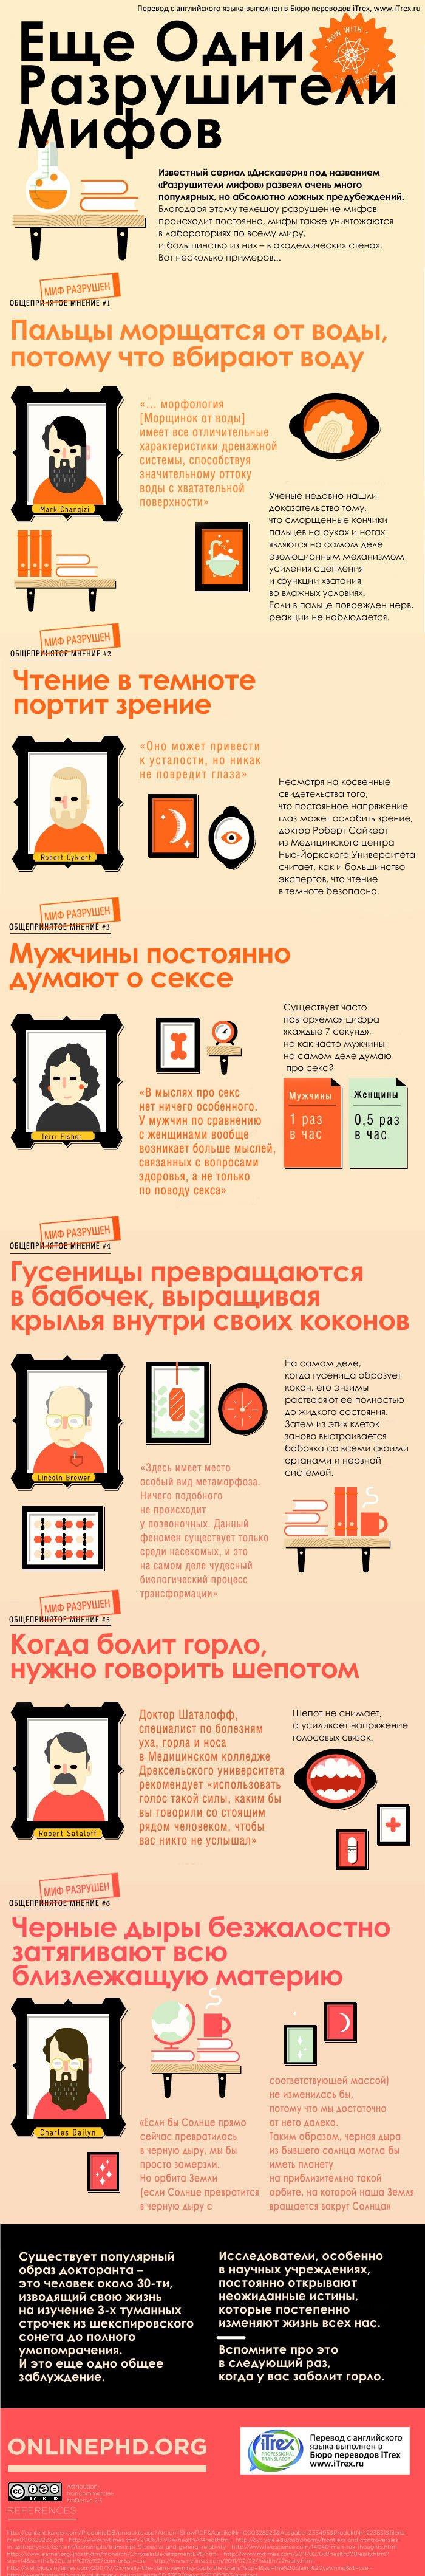 Перевод инфографики: разрушители мифов